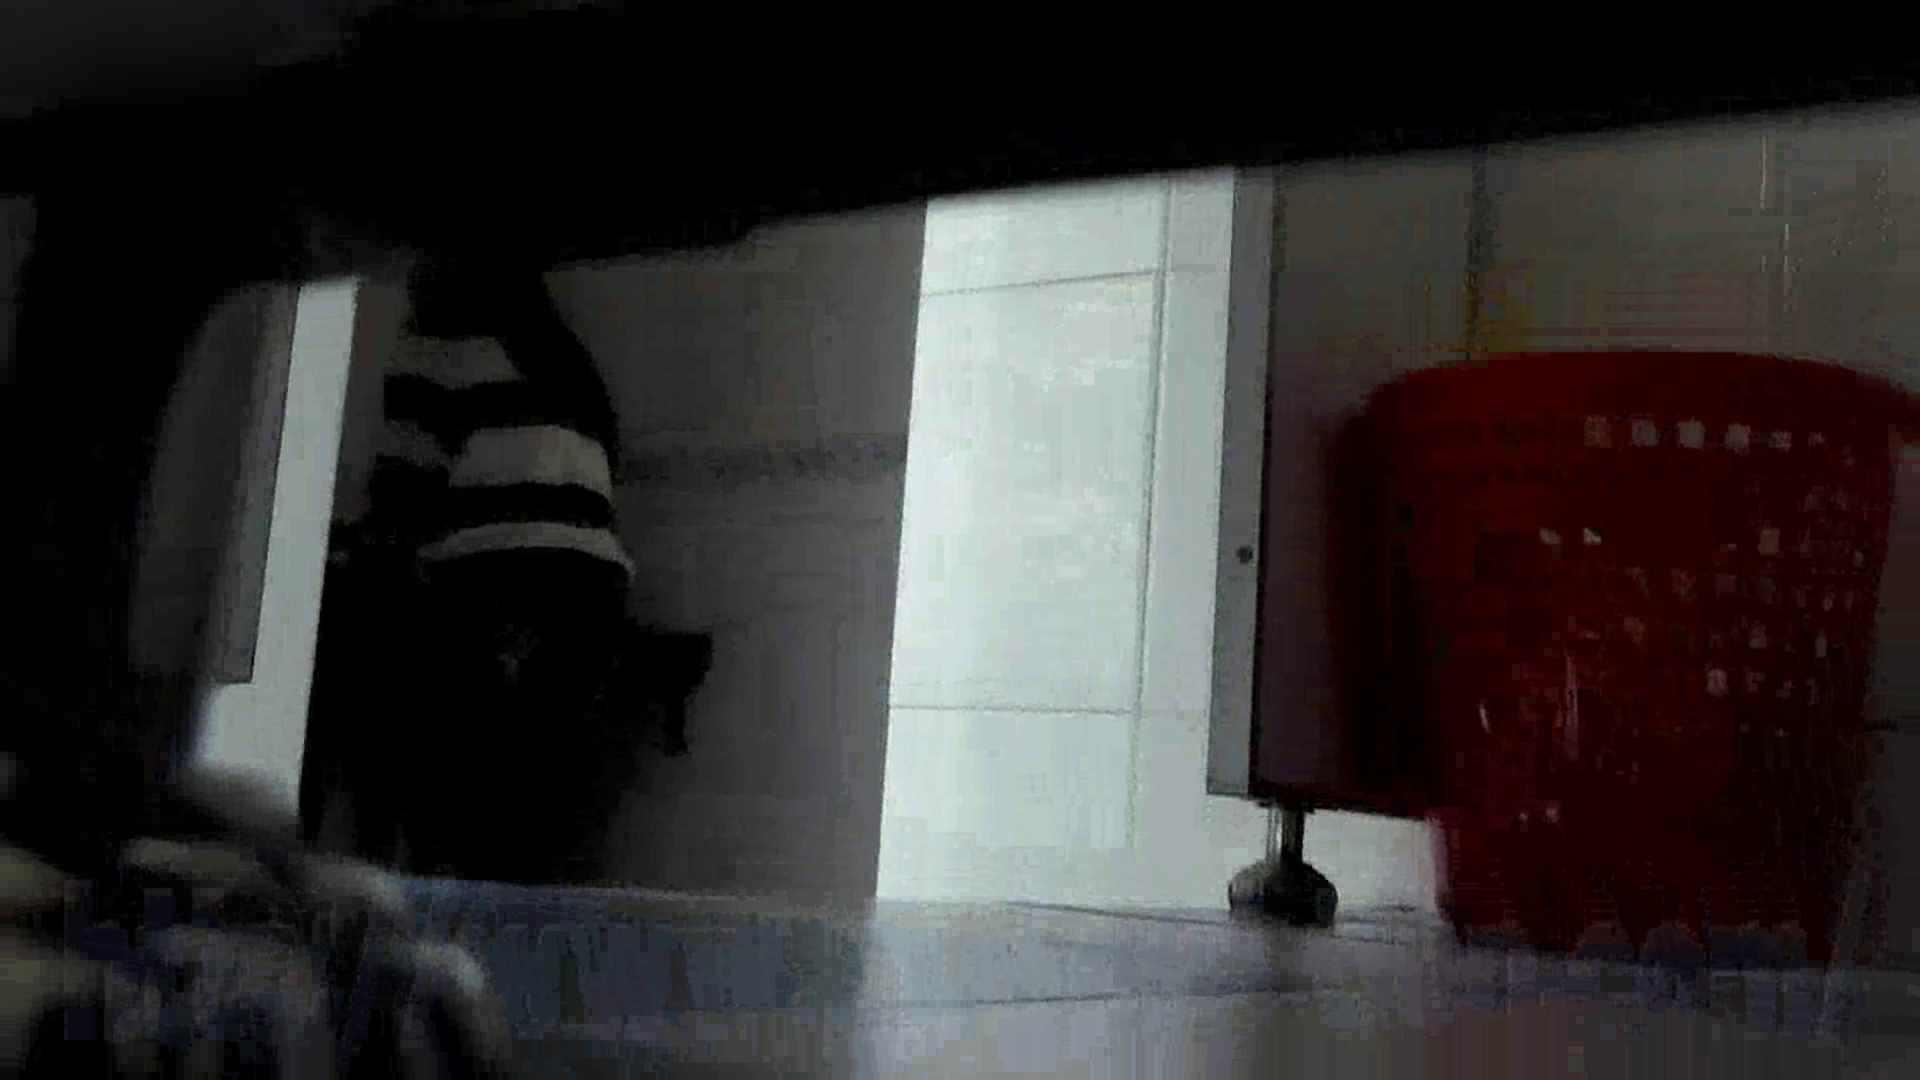 なんだこれVol.12 美魔女登場、 HD万歳!! 違いが判る映像美!! 潜入  69連発 14